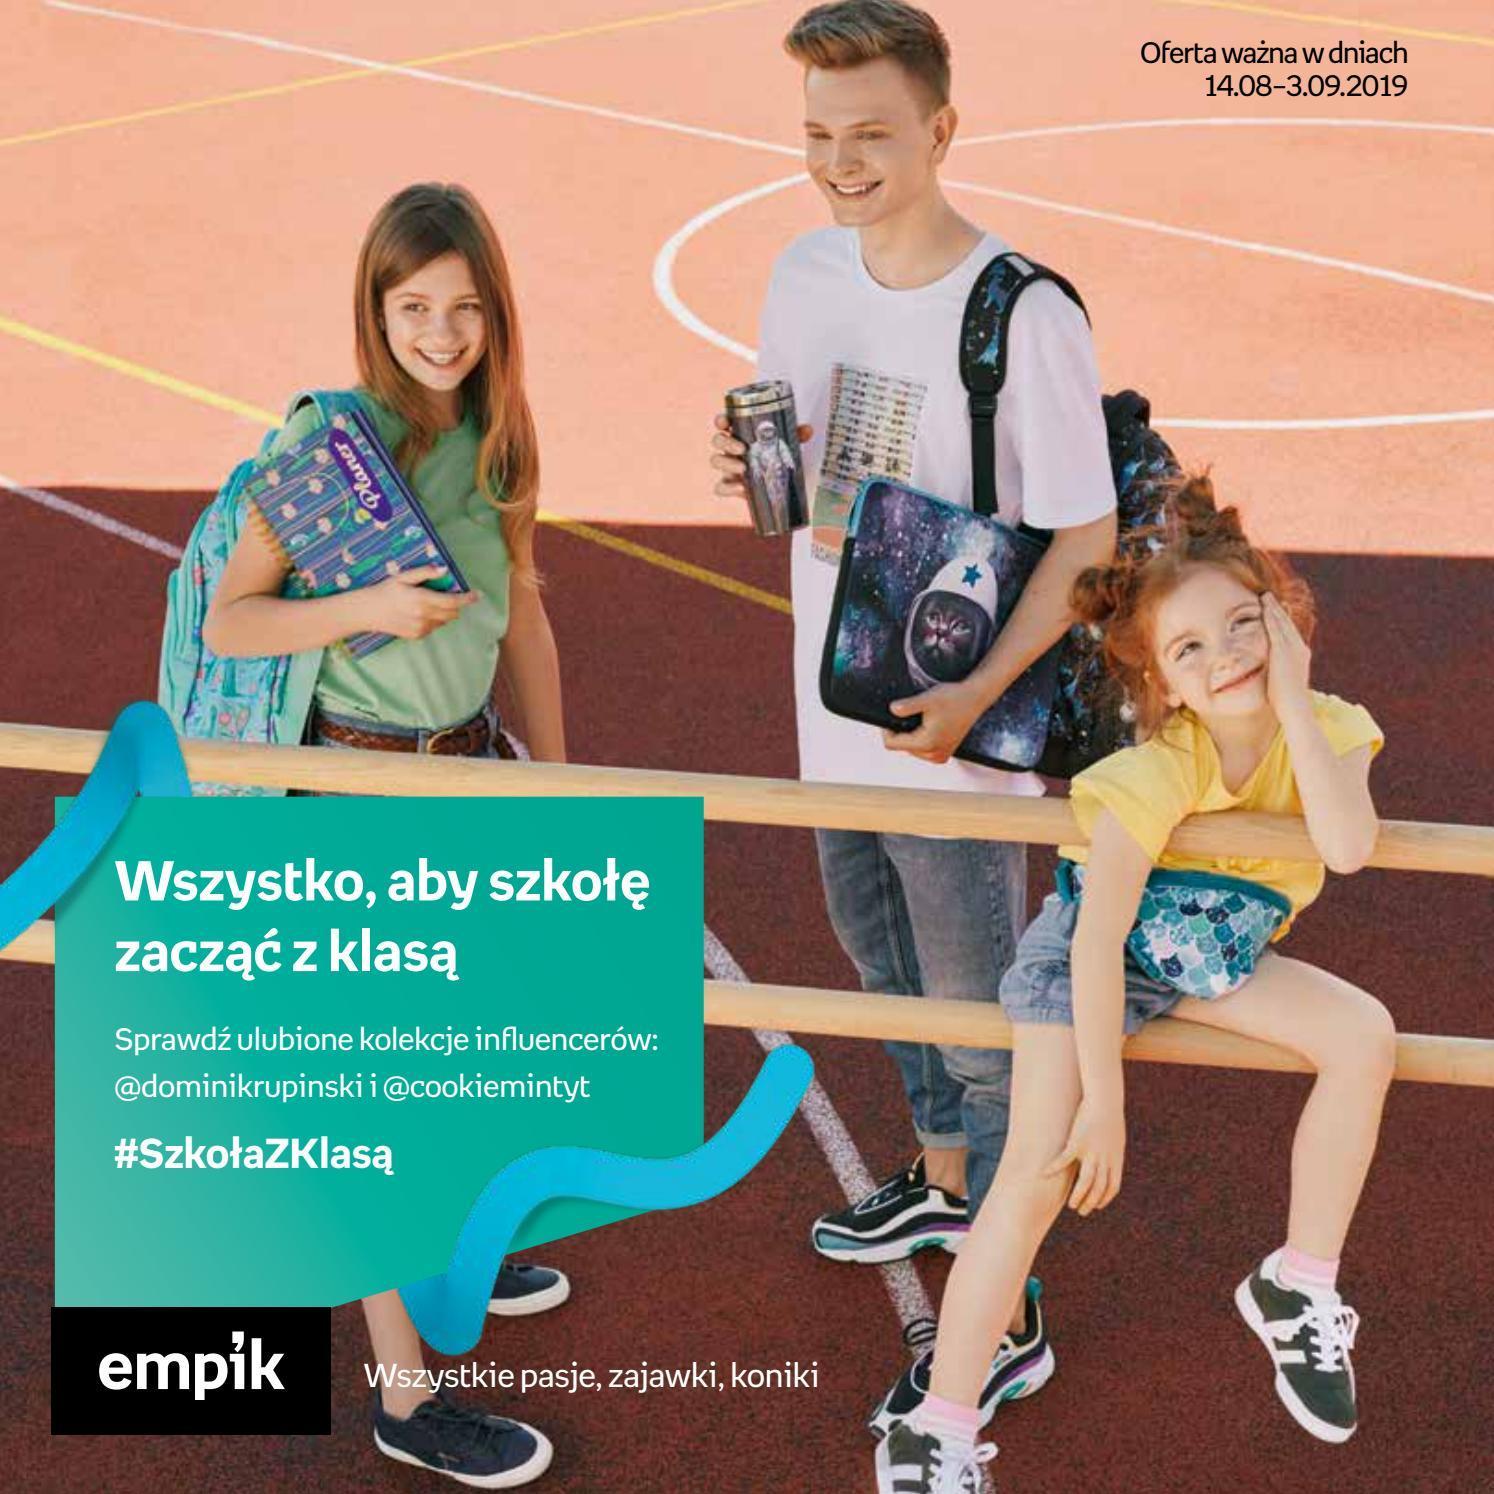 Gazetka promocyjna empik do 03/09/2019 str.1